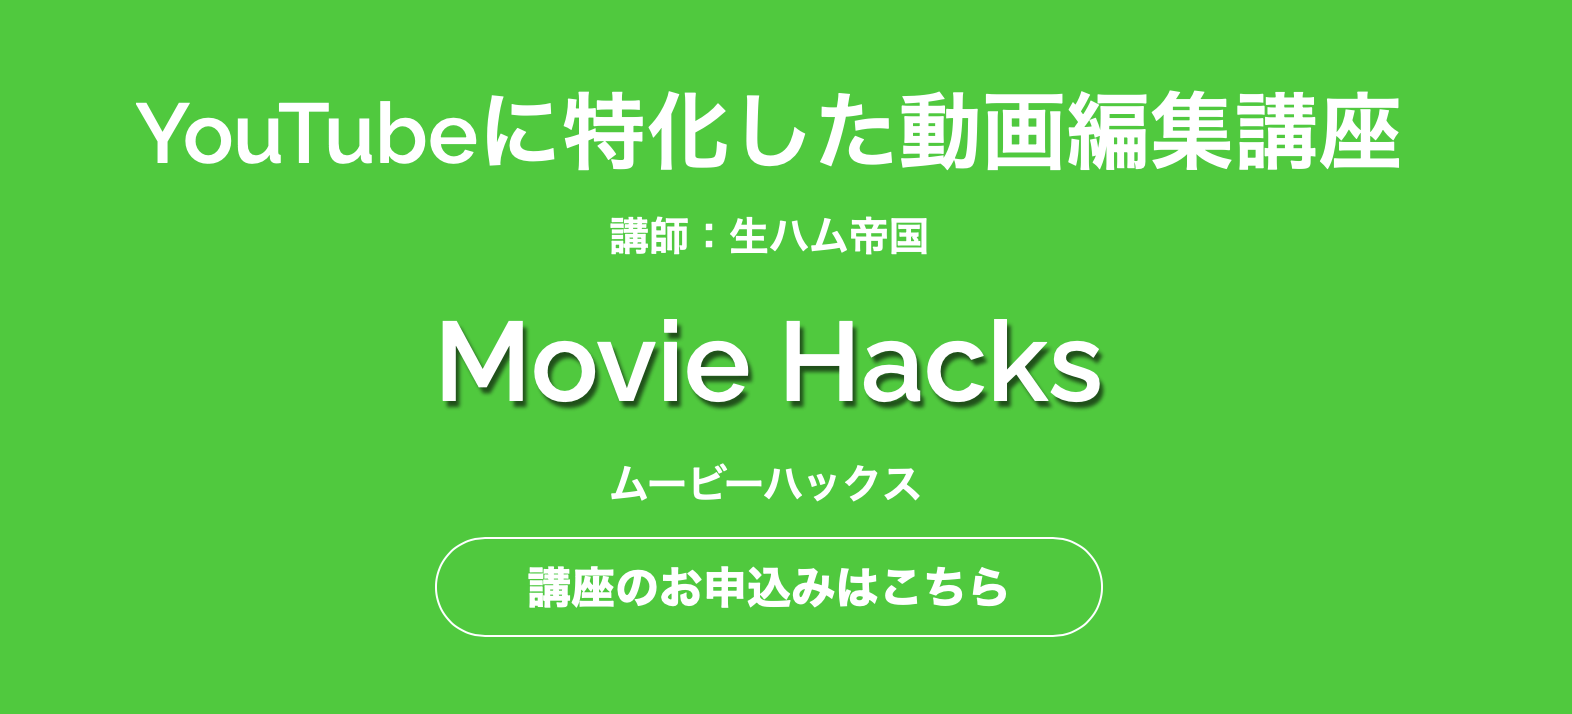 福岡で本当に選ぶべき動画編集・映像制作スクール・講座4選【厳選して紹介】